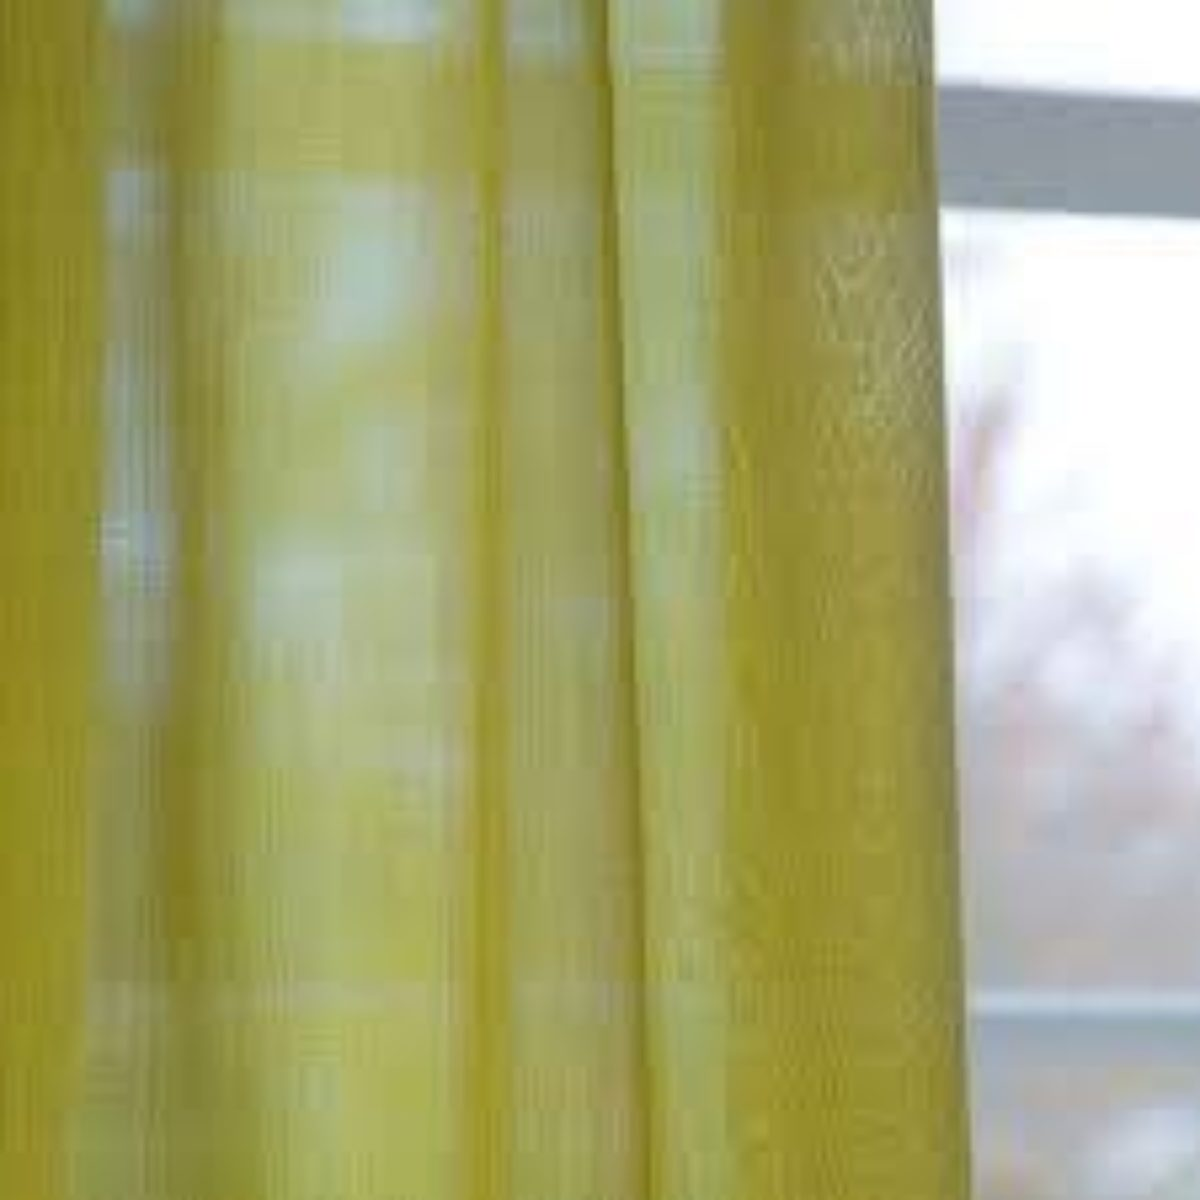 Ploeg gordijnen in between vitrage stoffen collectie s